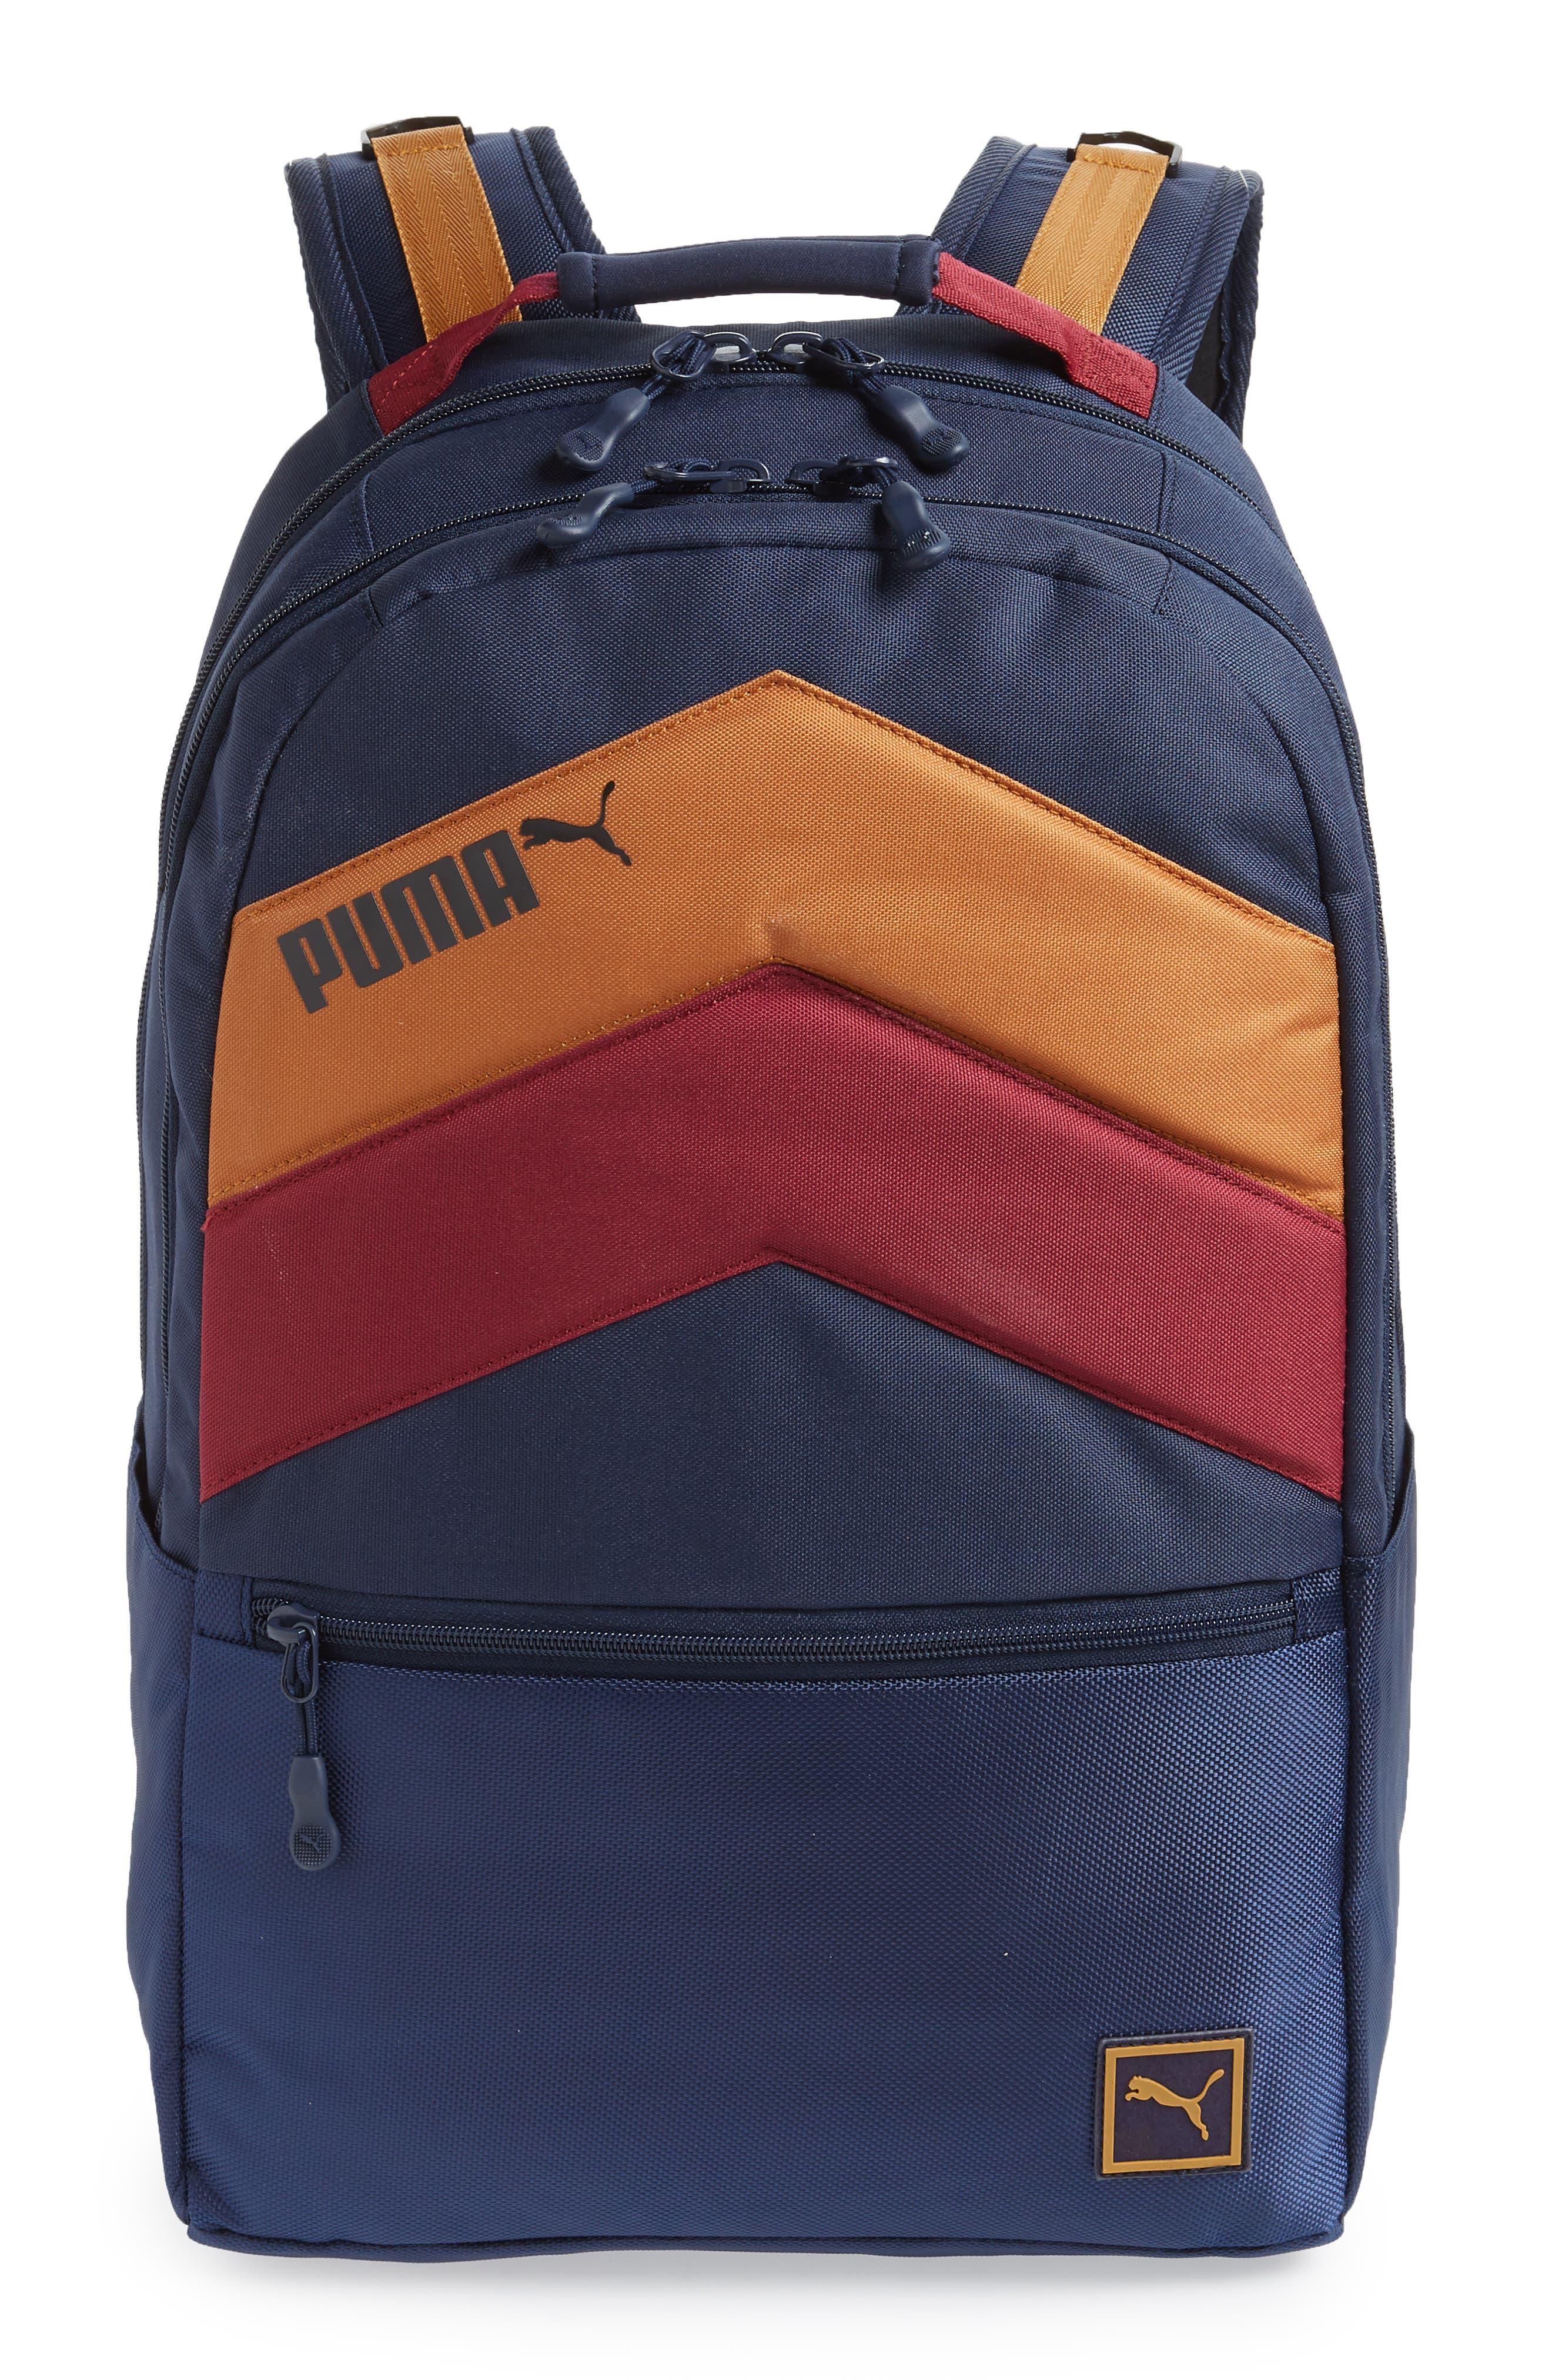 PUMA,                             Ready Backpack,                             Main thumbnail 1, color,                             NAVY